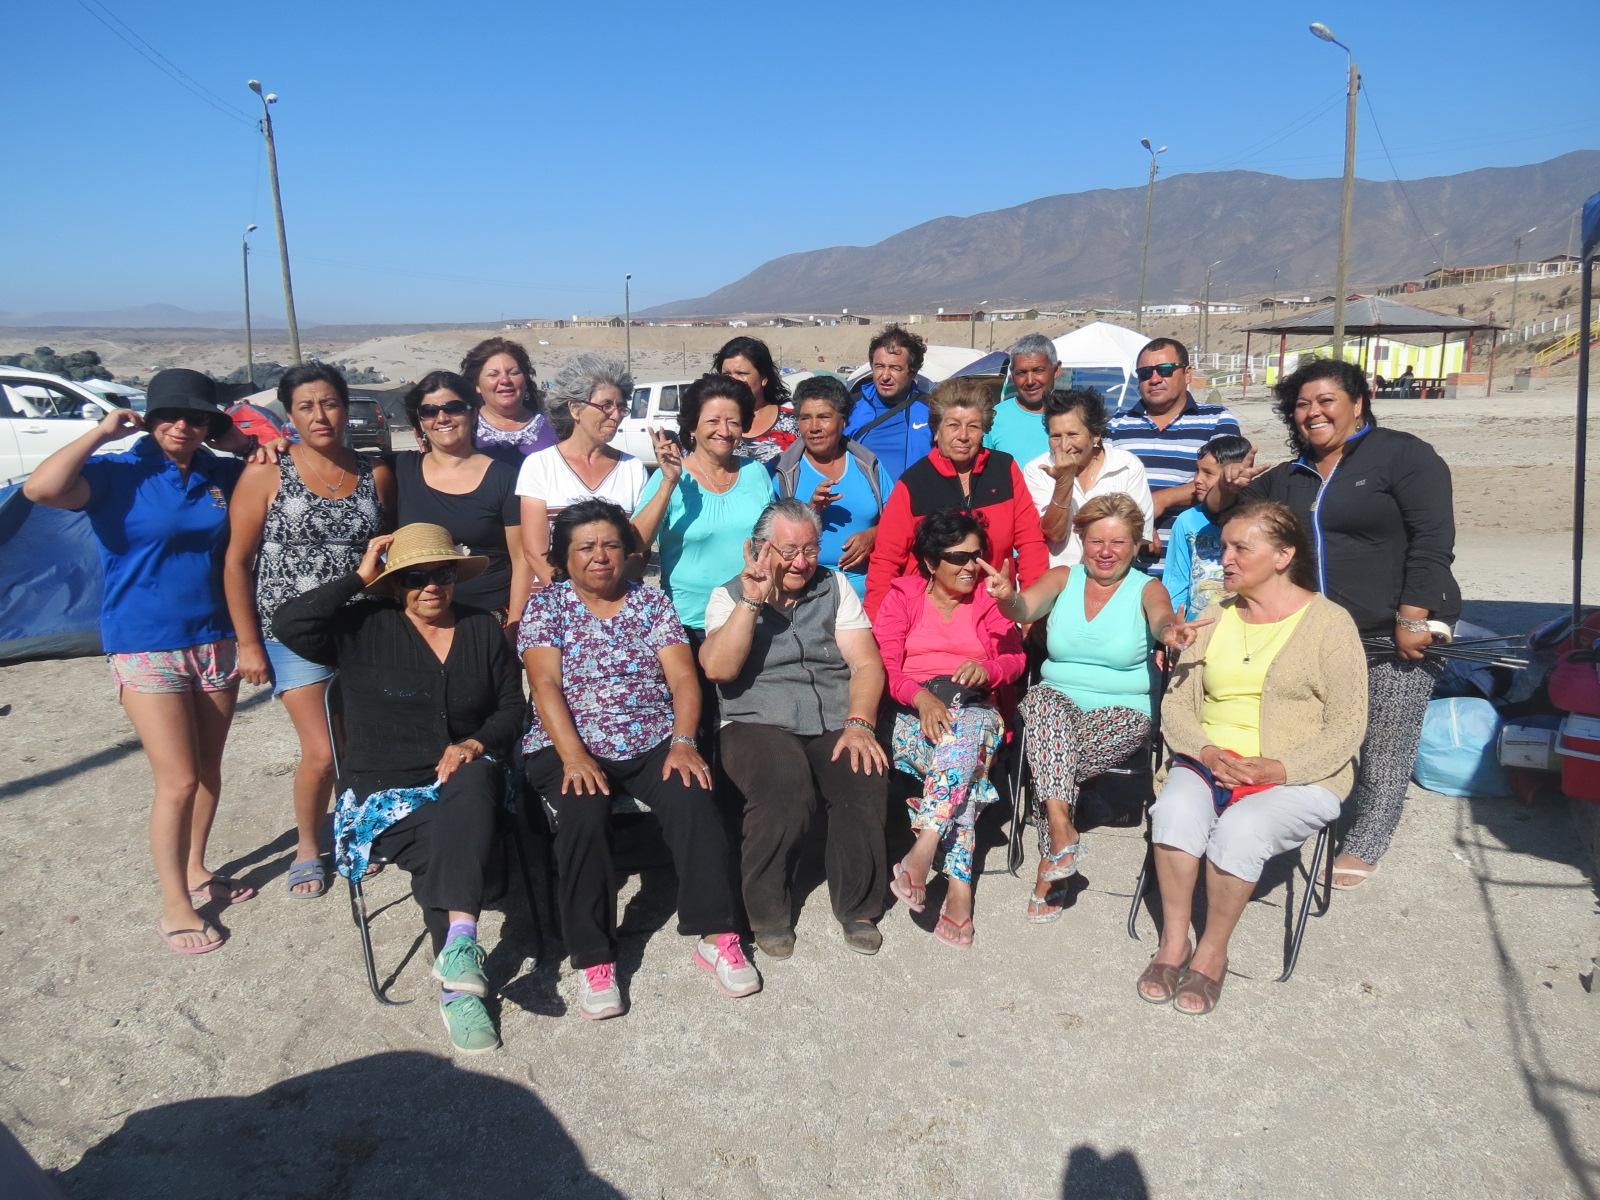 Dirigentes Vecinales de Vallenar disfrutan con paseo a la playa